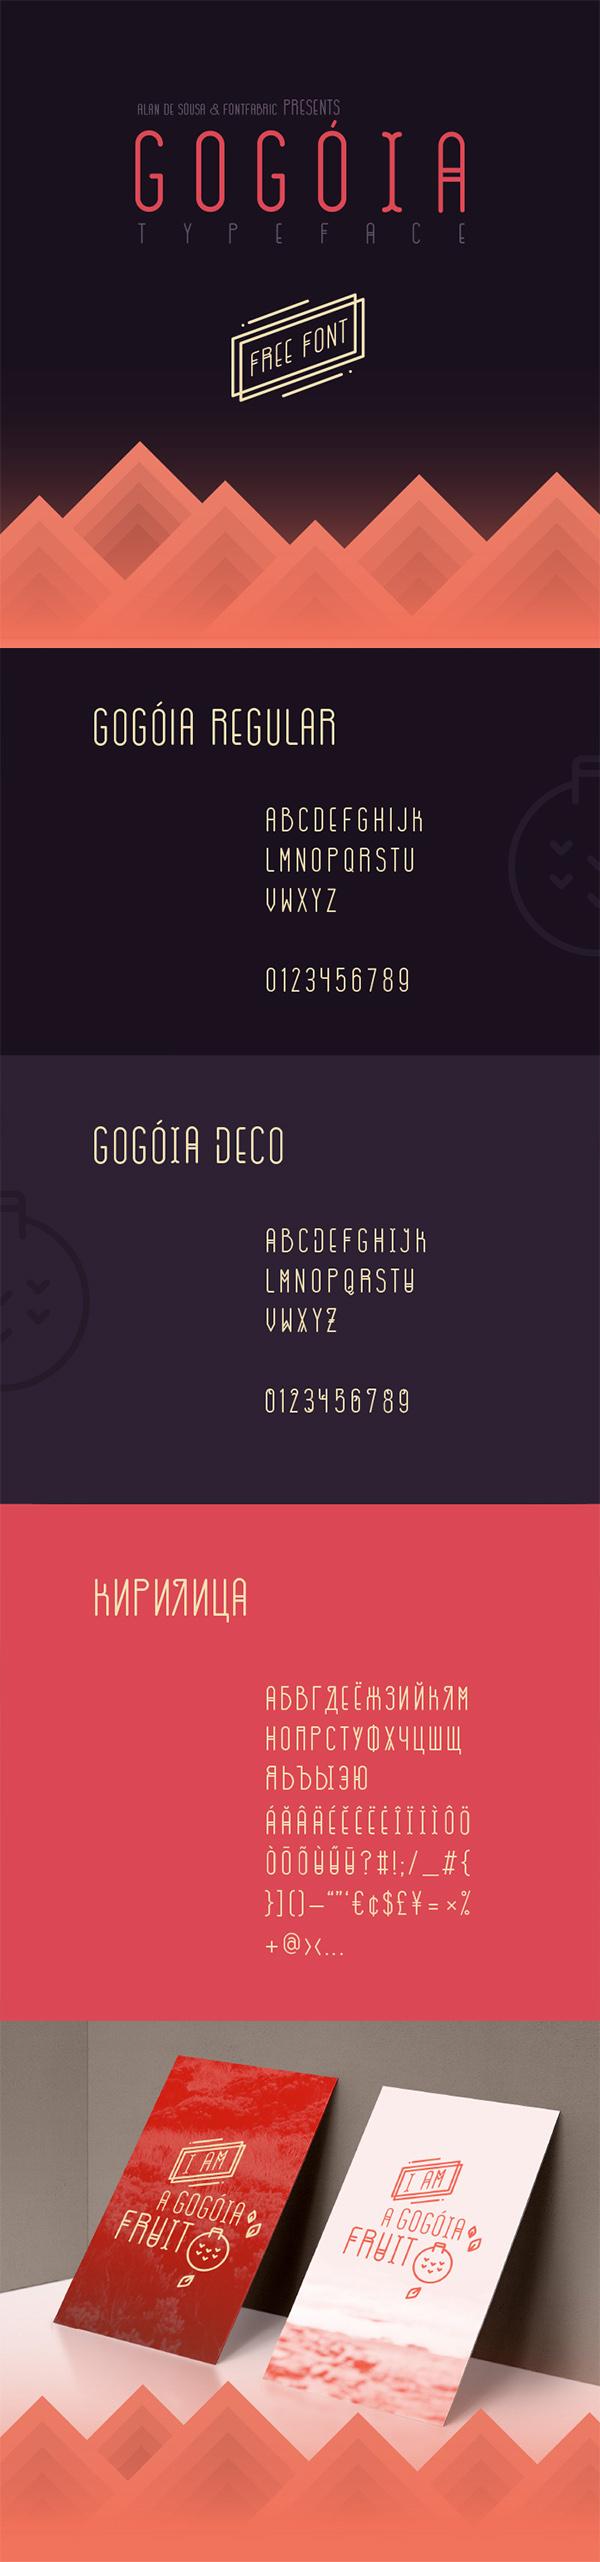 09 Gogoia